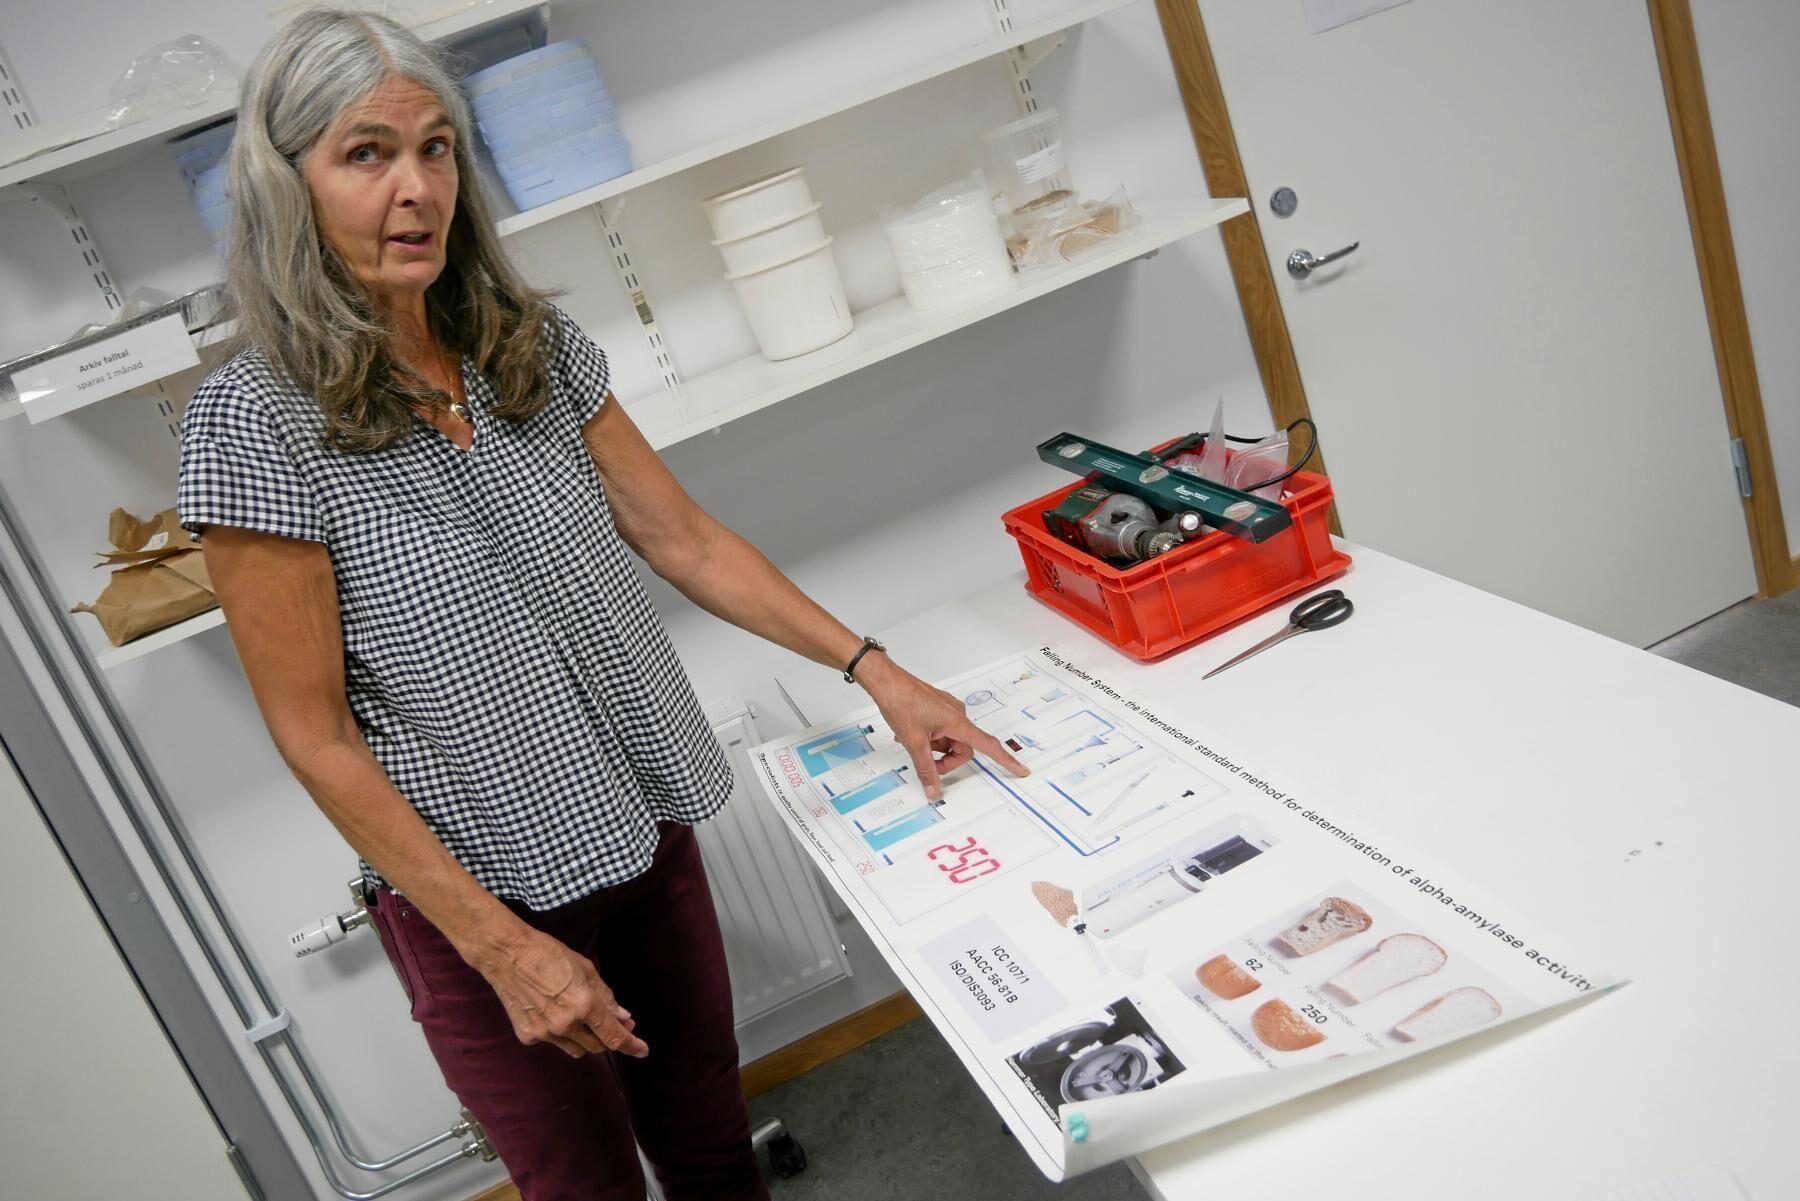 Frökontrollens analyser av eget utsäde visar att det skett en stor ökning av stinksot 2019 och 2020 jämfört med tidigare år. Matilda Lönnemark, vd Frökontrollen Örebro, tycker att det är en oroväckande hög andel i år.